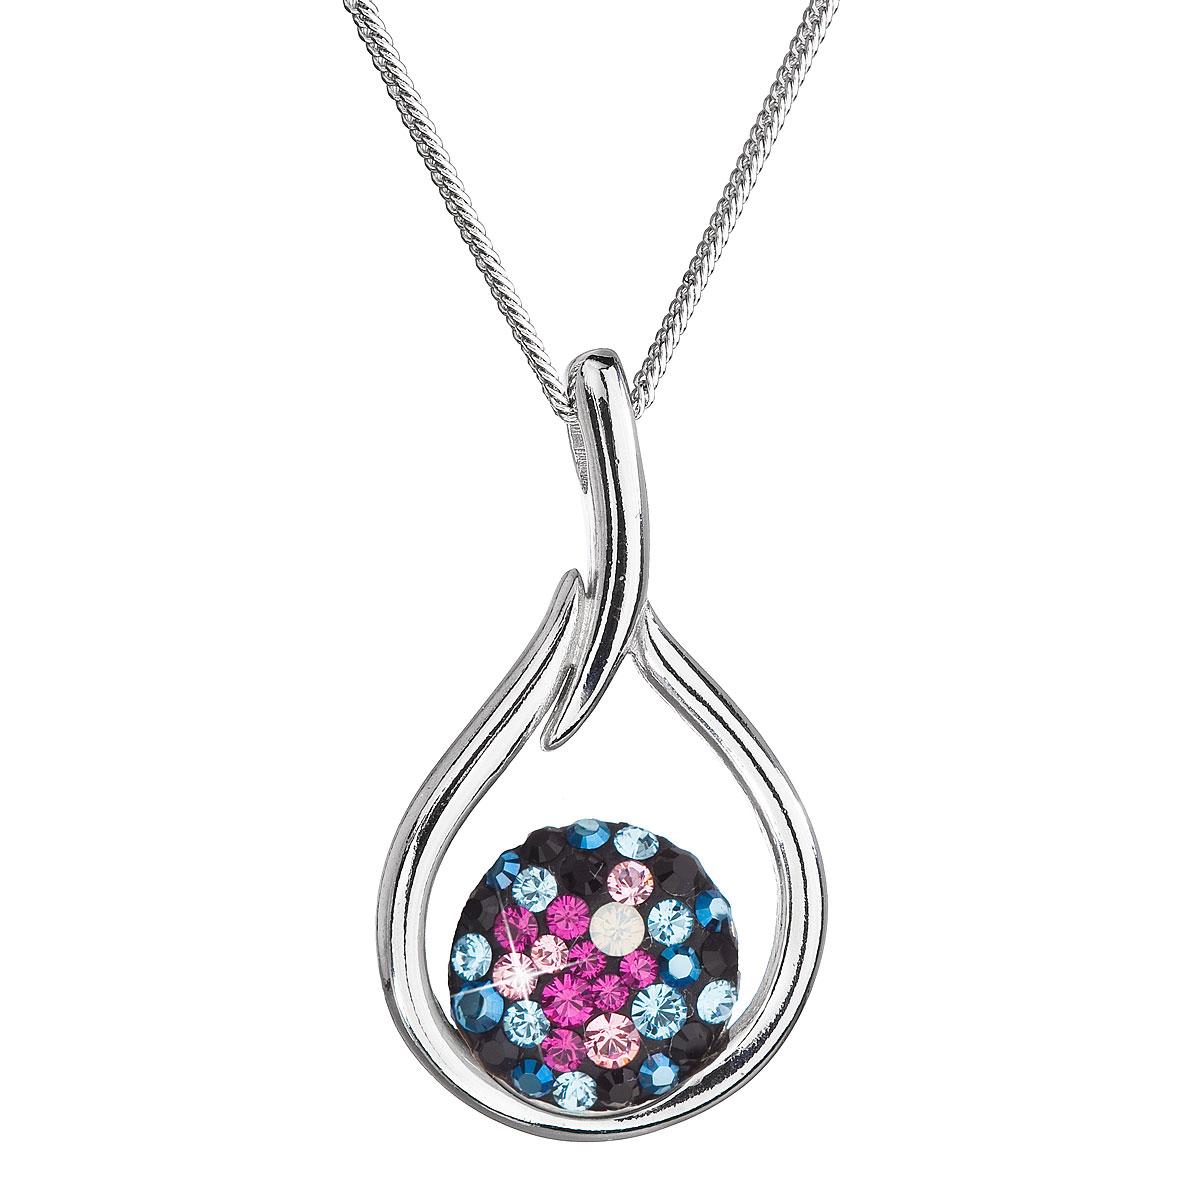 Strieborný náhrdelník so Swarovski kryštálmi kvapka 32075.4 galaxy